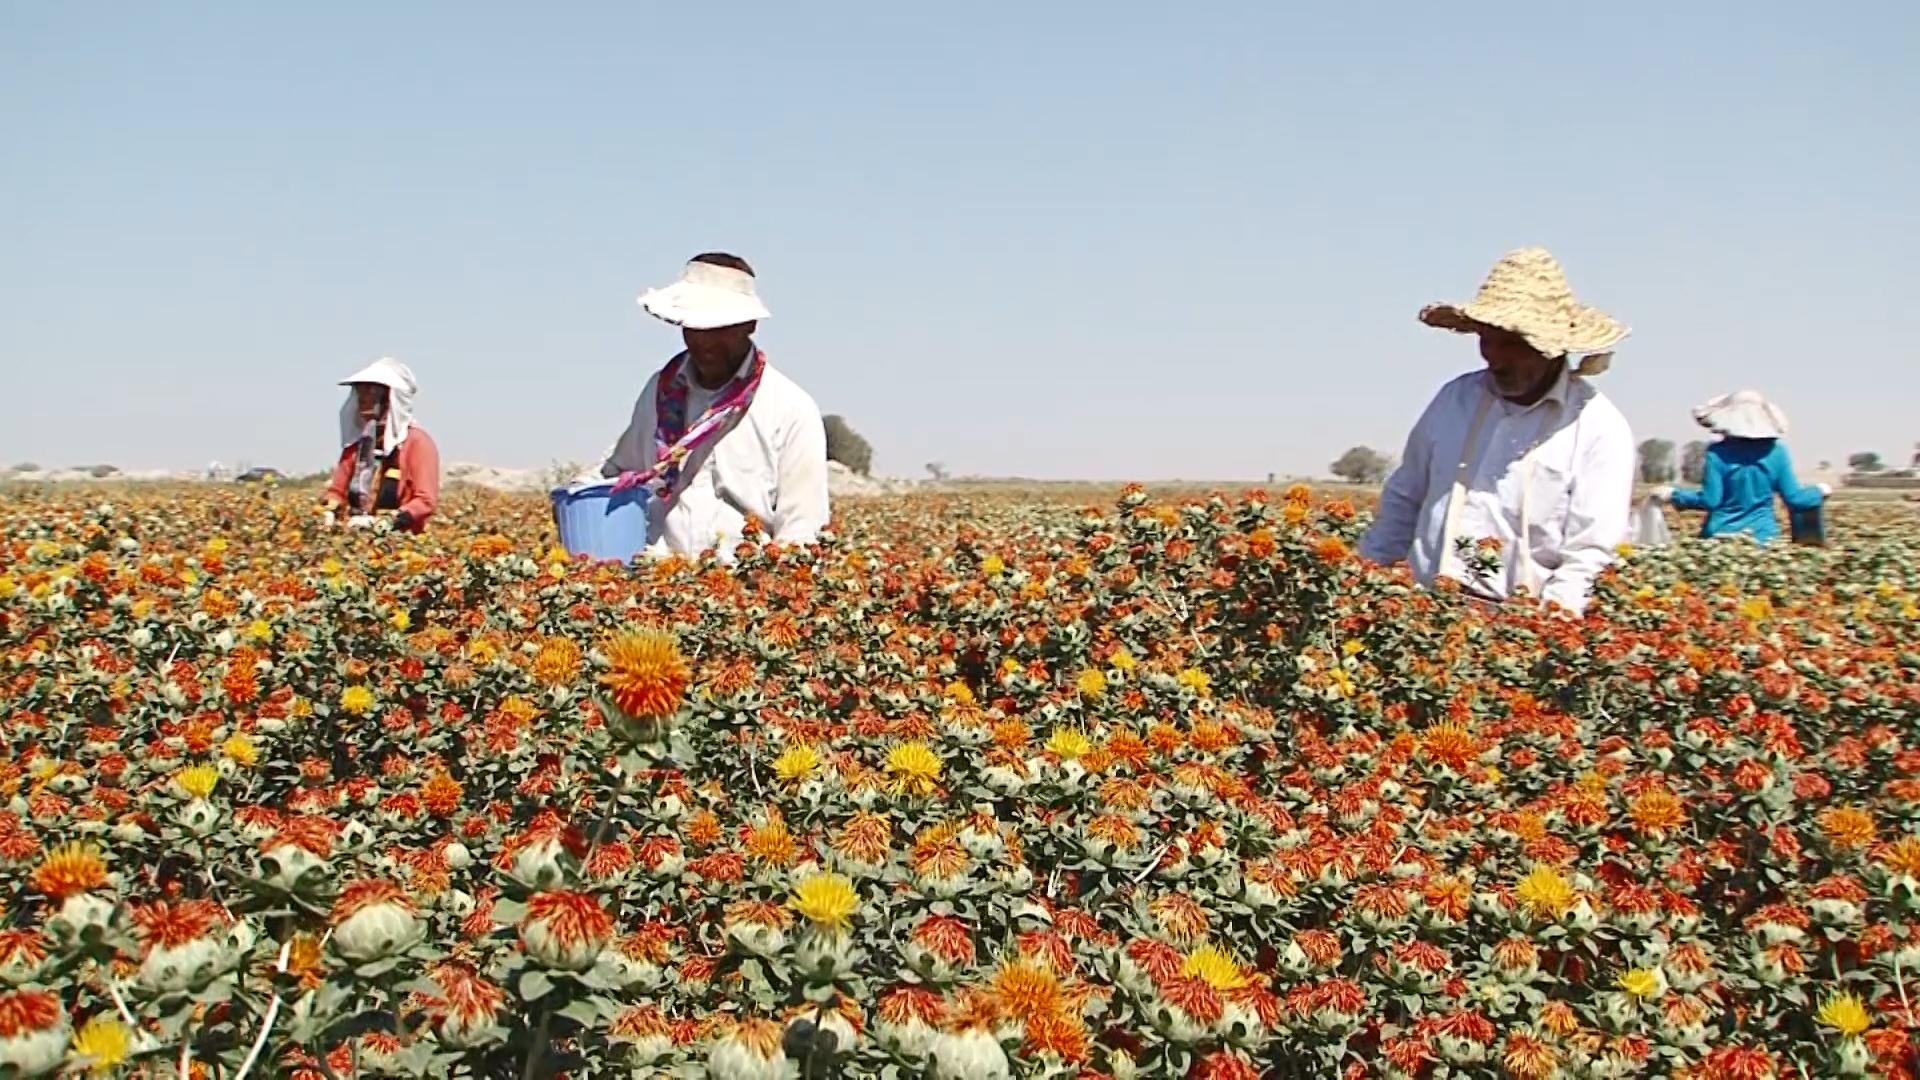 برداشت گلرنگ از ۱۸ هکتار مزارع بخش گلباف تا پایان تیرامسال ادامه دارد